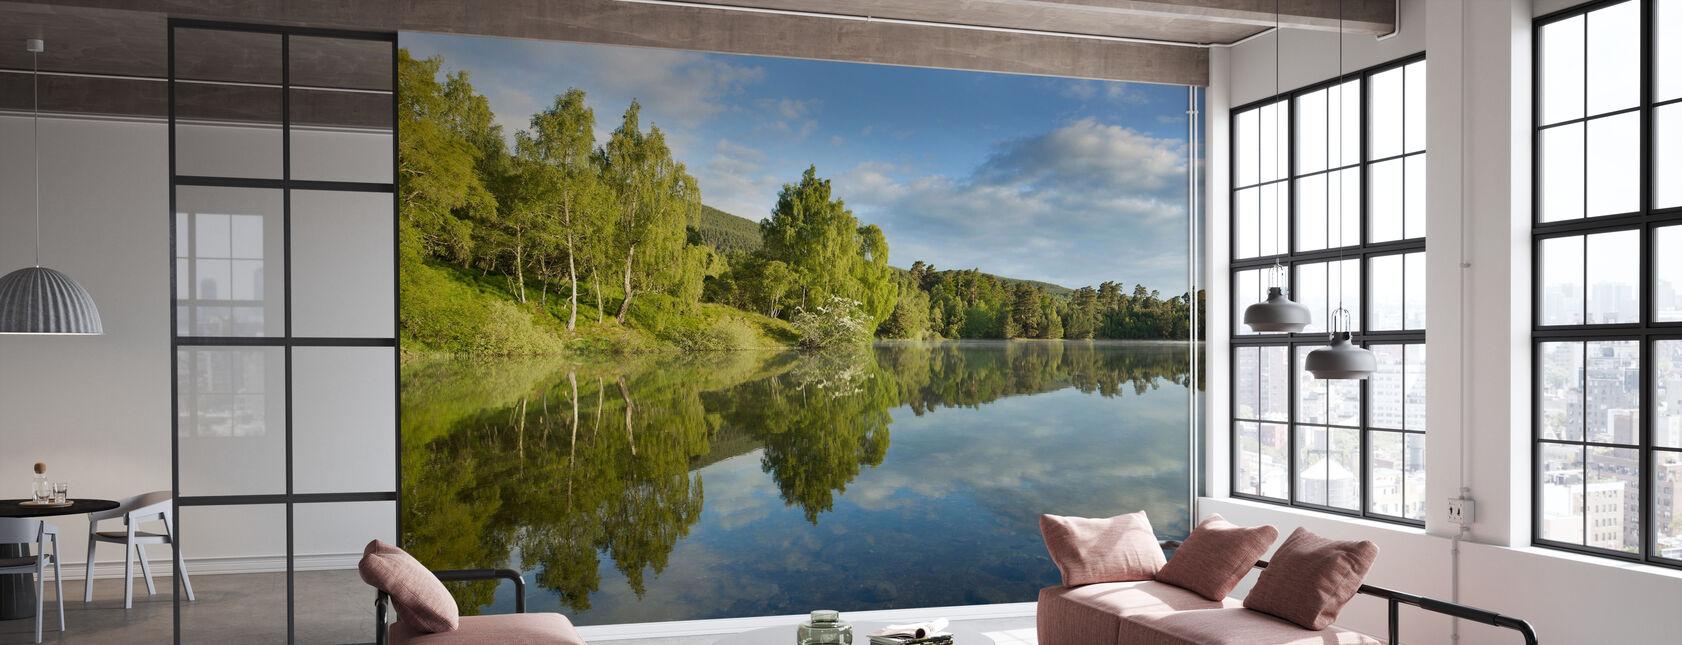 Lac d'été paisible - Papier peint - Bureau